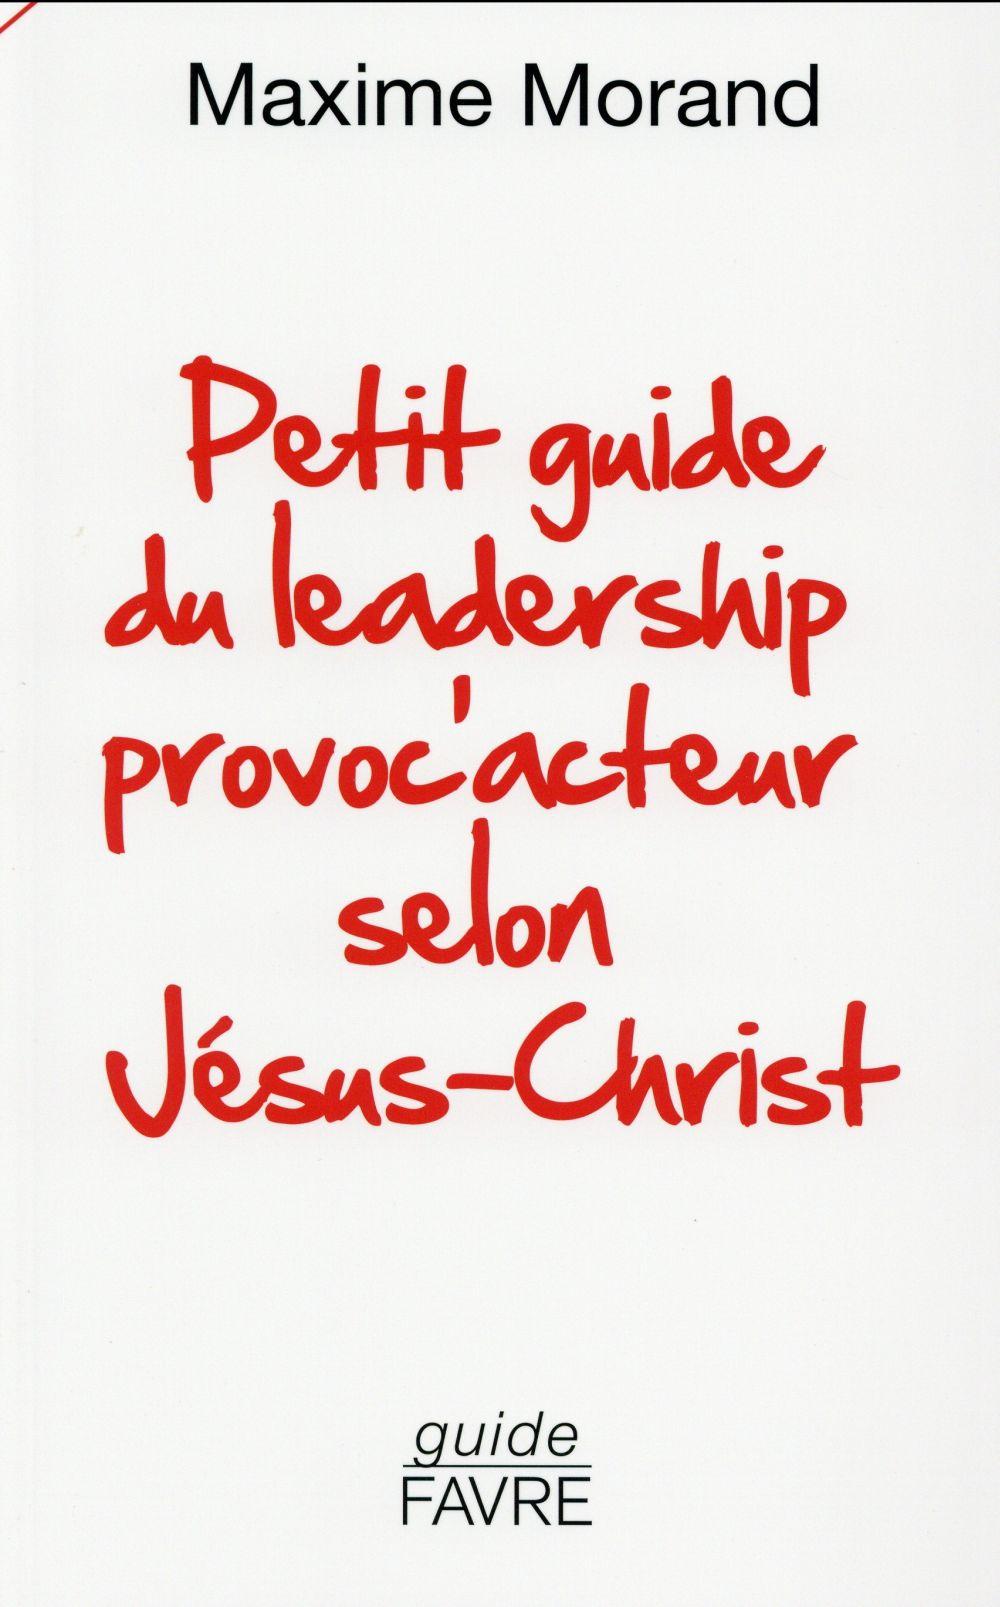 Petit guide du leadership provoc'acteur selon Jésus-Christ